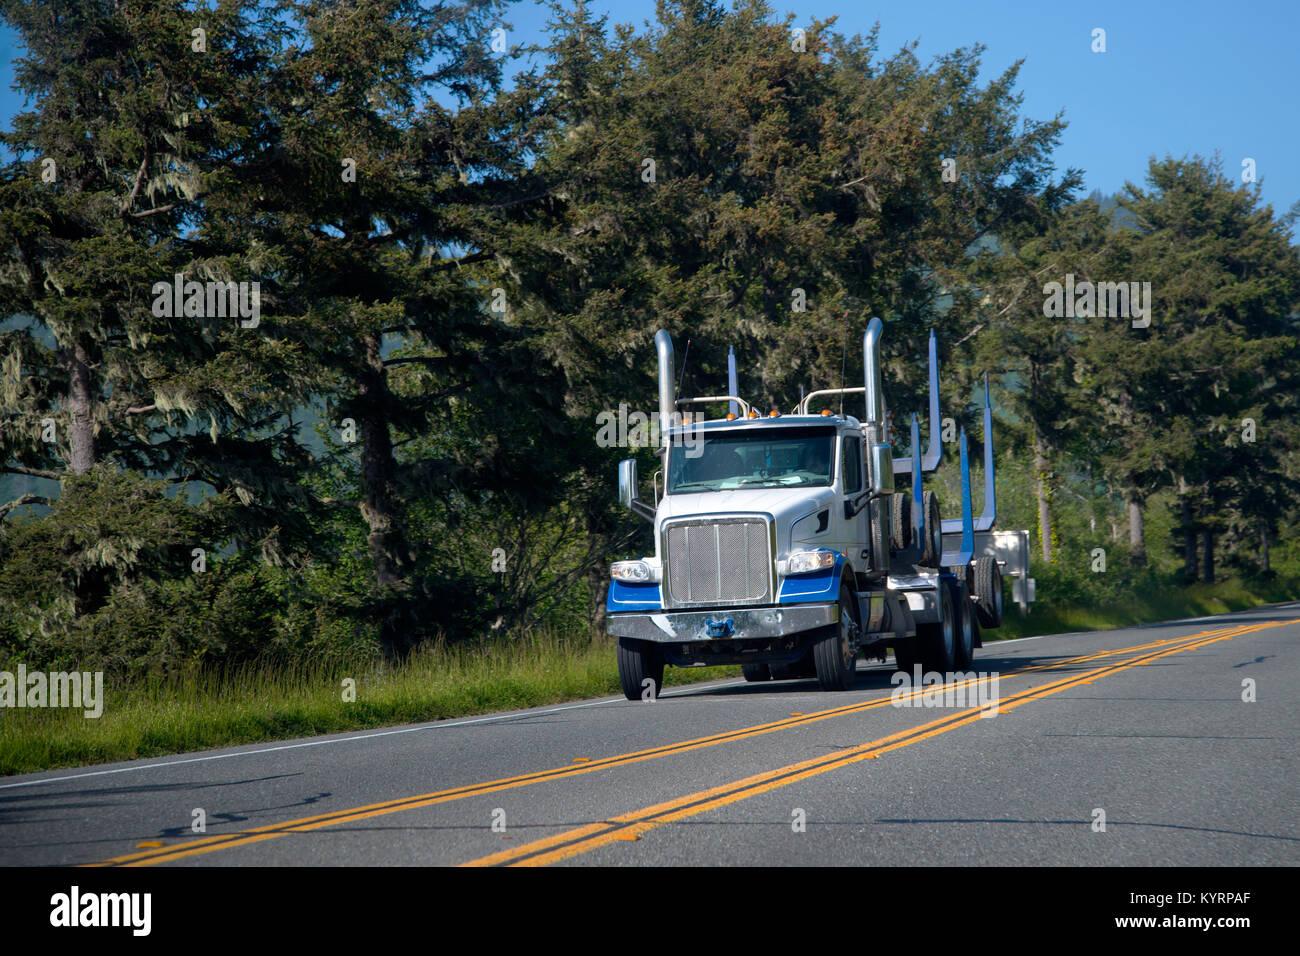 Eine große, leistungsfähige kommerzielle Blau halb LKW-Transporte ...